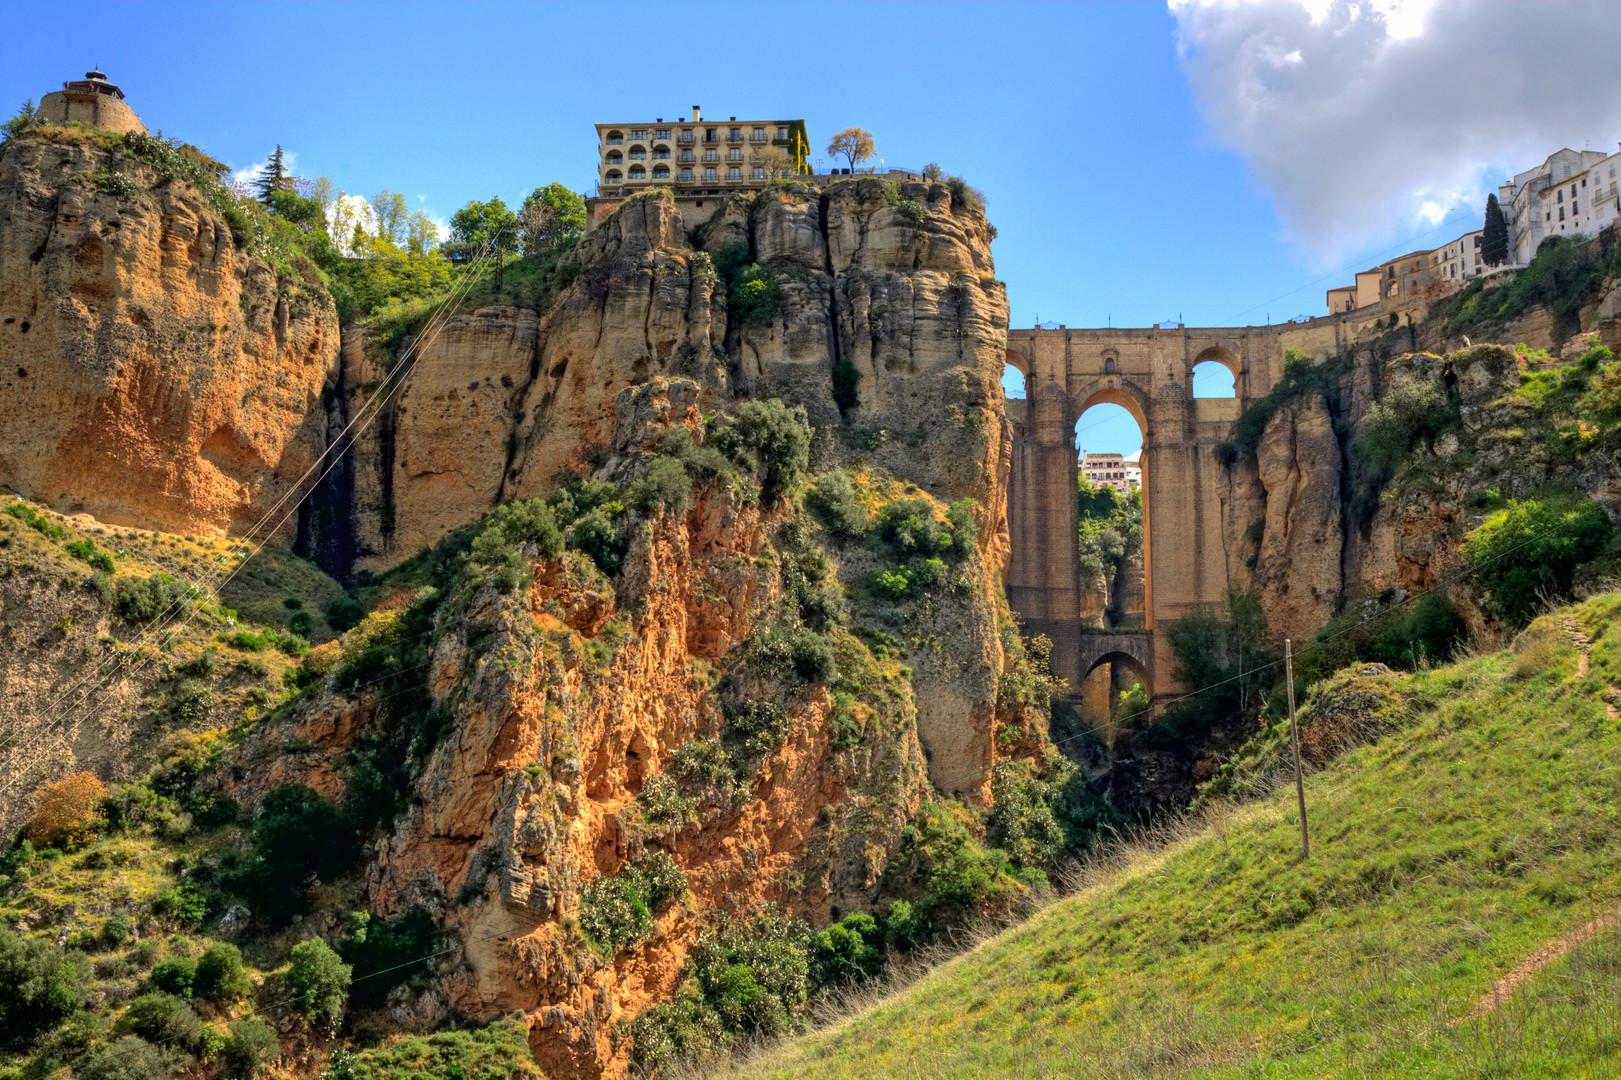 Puente_Nuevo_de_Ronda.jpg